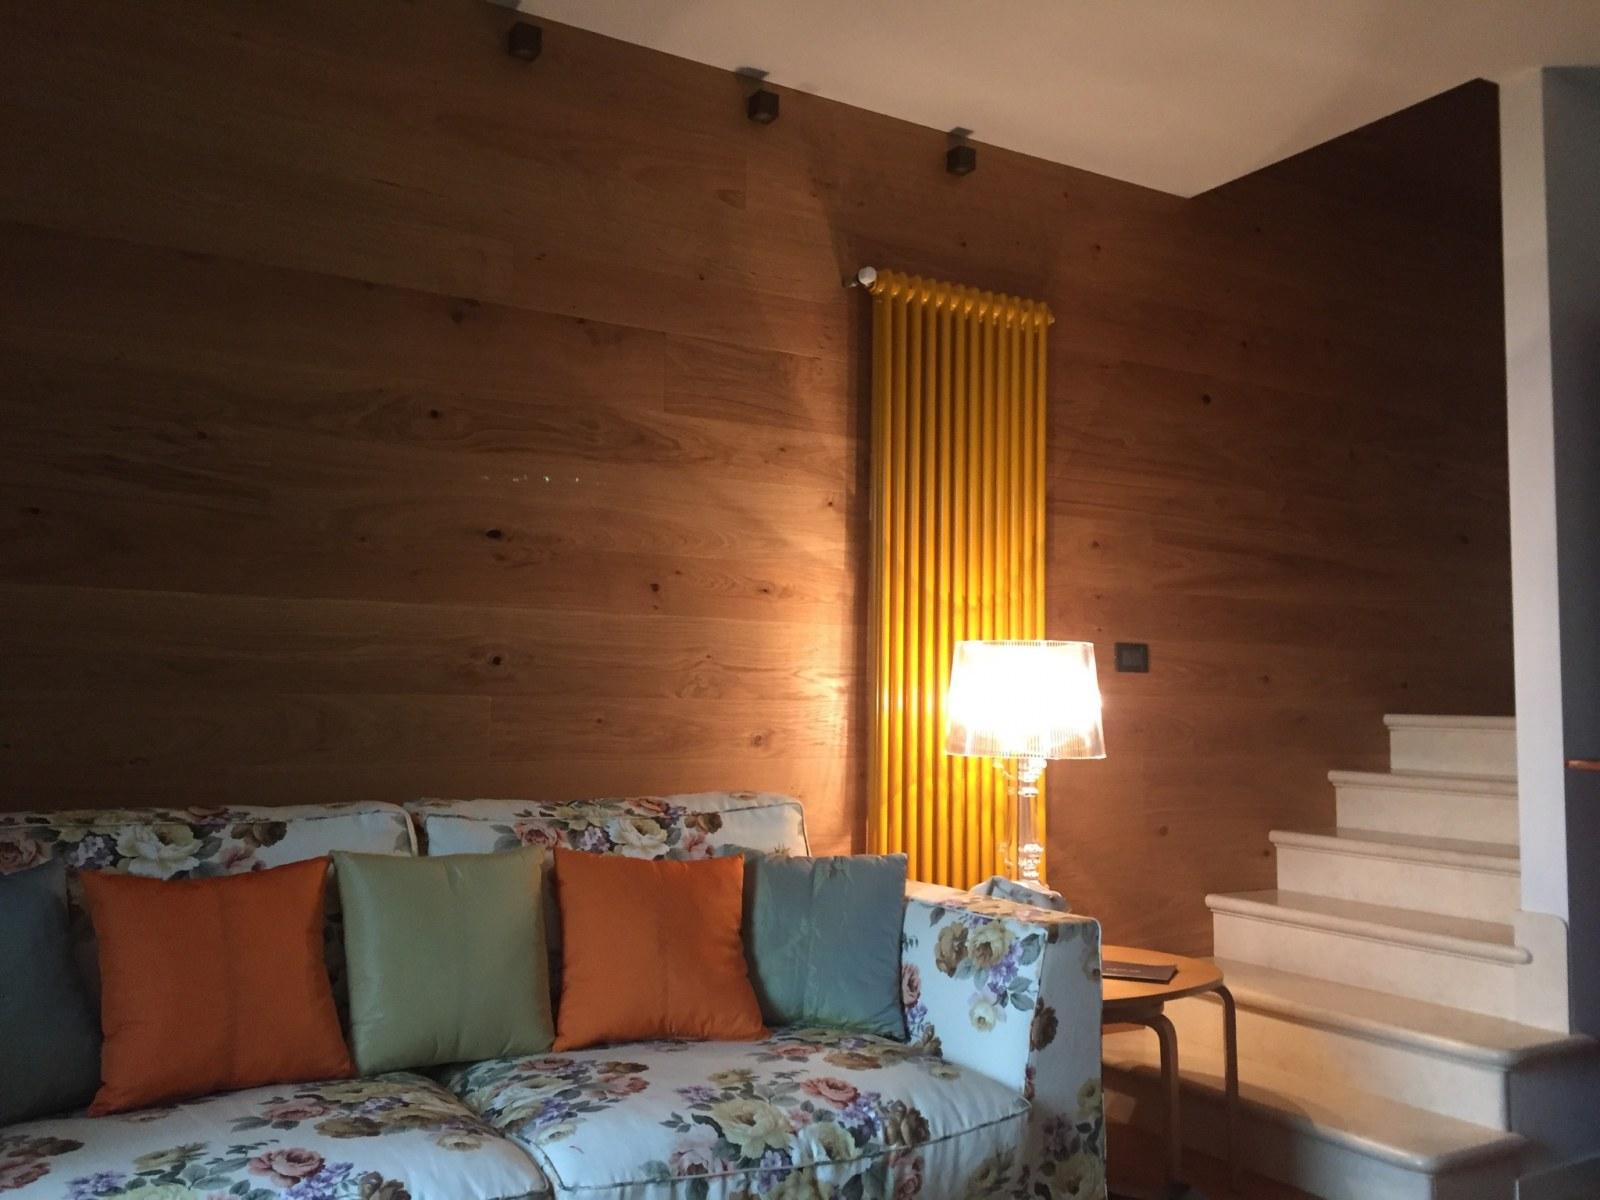 rivestimenti-bagno-cucina-pietra-legno-ceramica-parete-decorativi-interni-esterni-vicenza-padova-treviso-verona-cecilia-soggiorno-cecilia-taverna-dopo-04